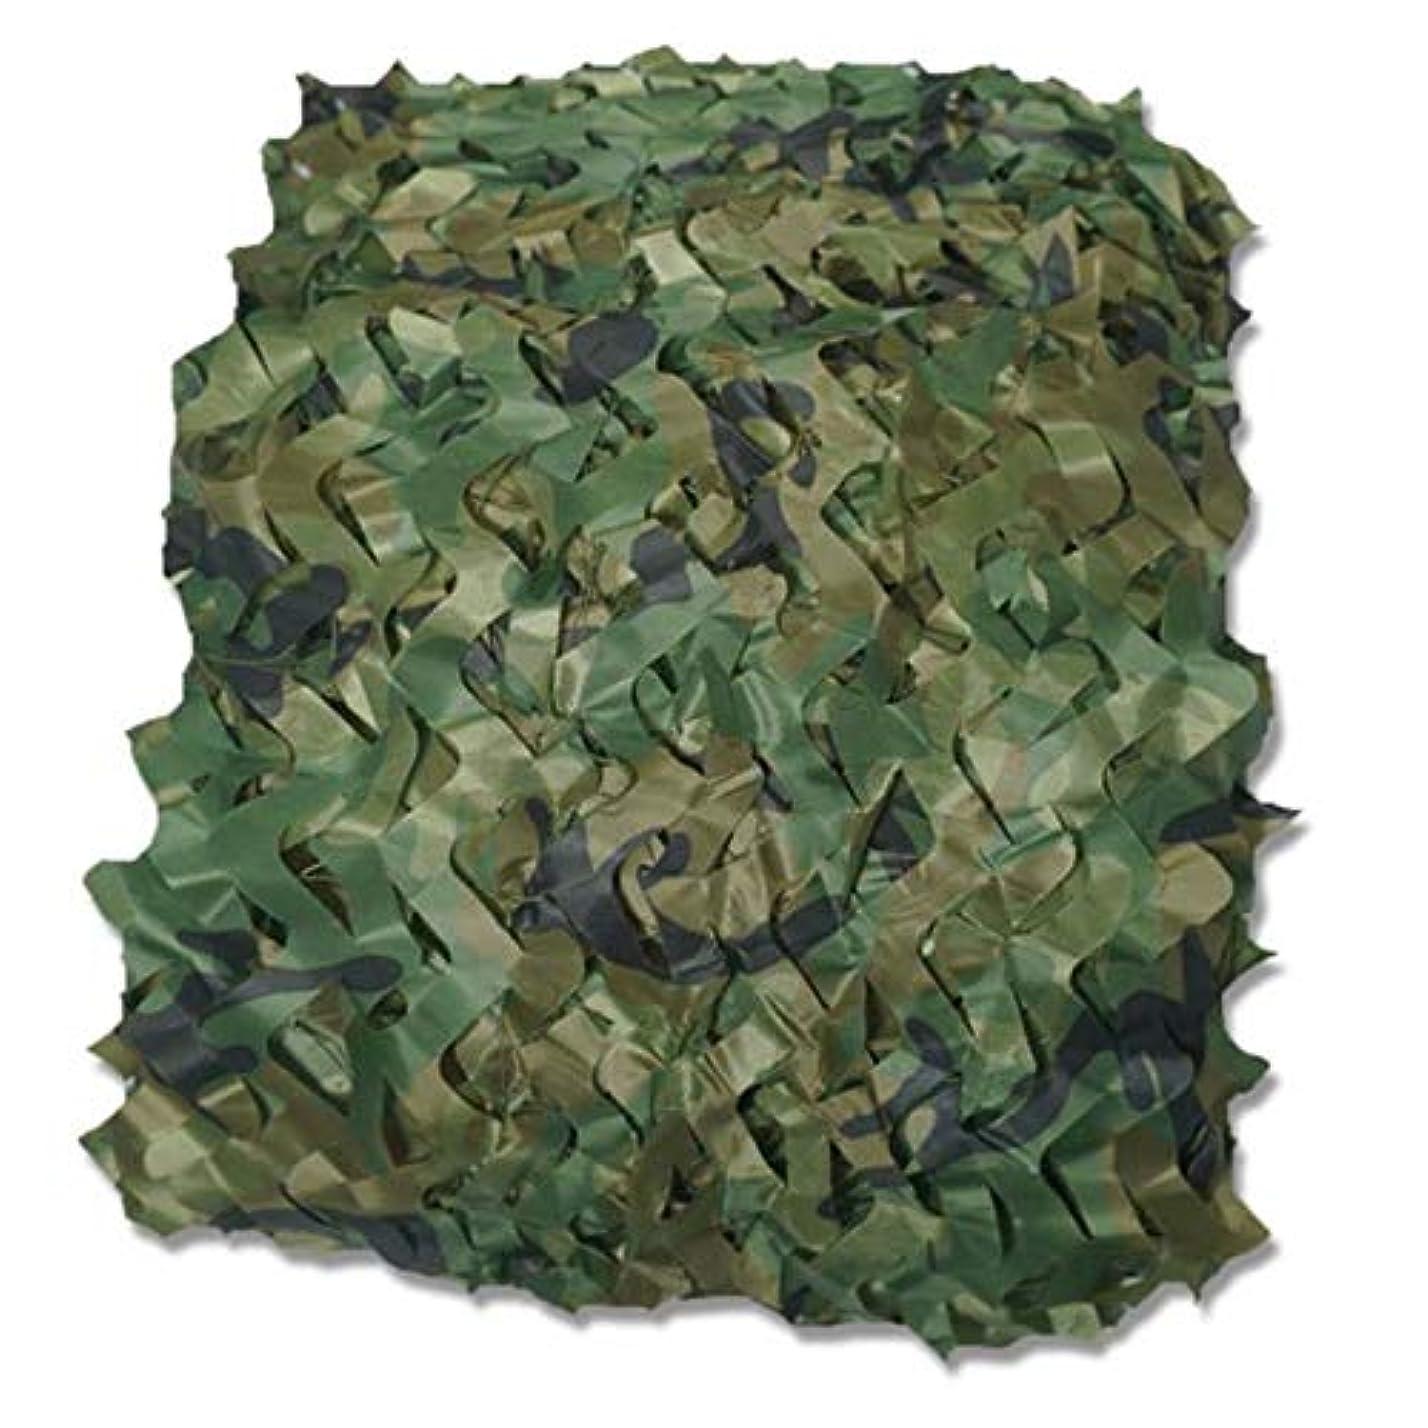 スクランブルどのくらいの頻度でブロンズDGLIYJ ジャングルカモフラージュネット2M x 3Mカモフラージュネット緑のカモフラージュカバー野獣を避けるためにキャンプ (サイズ さいず : 5x7m)